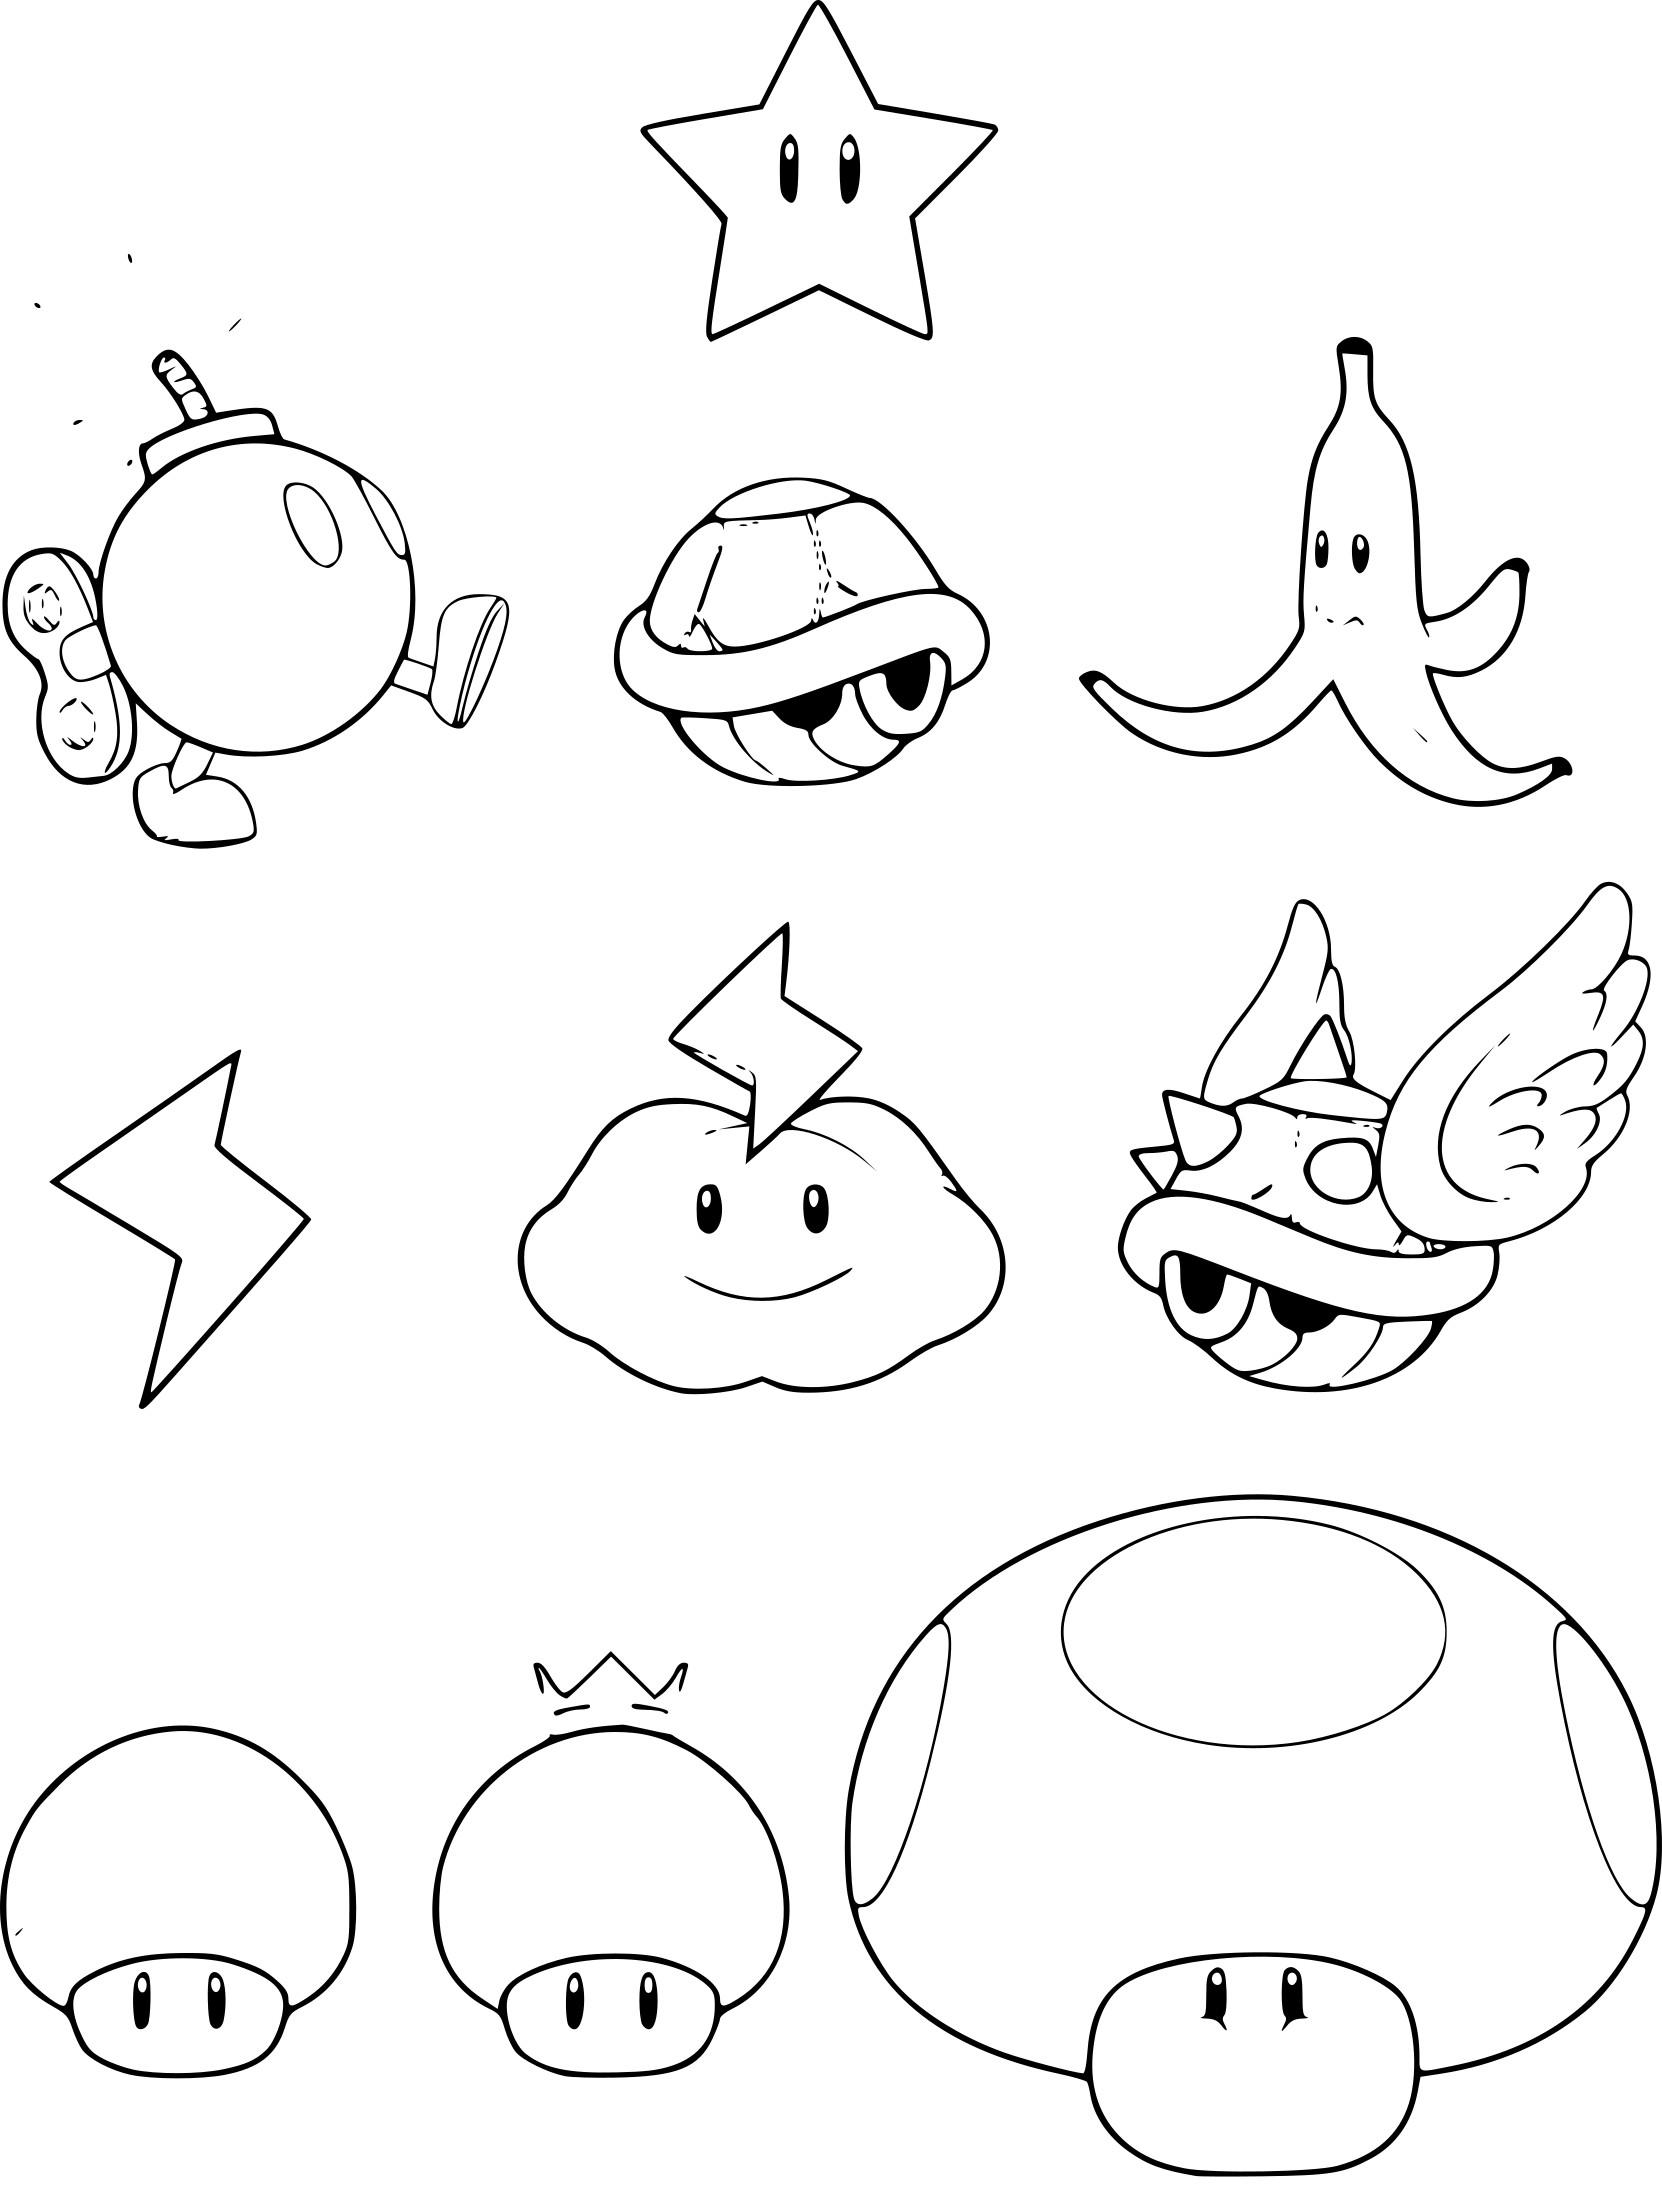 Coloriage Les objets de Mario à imprimer